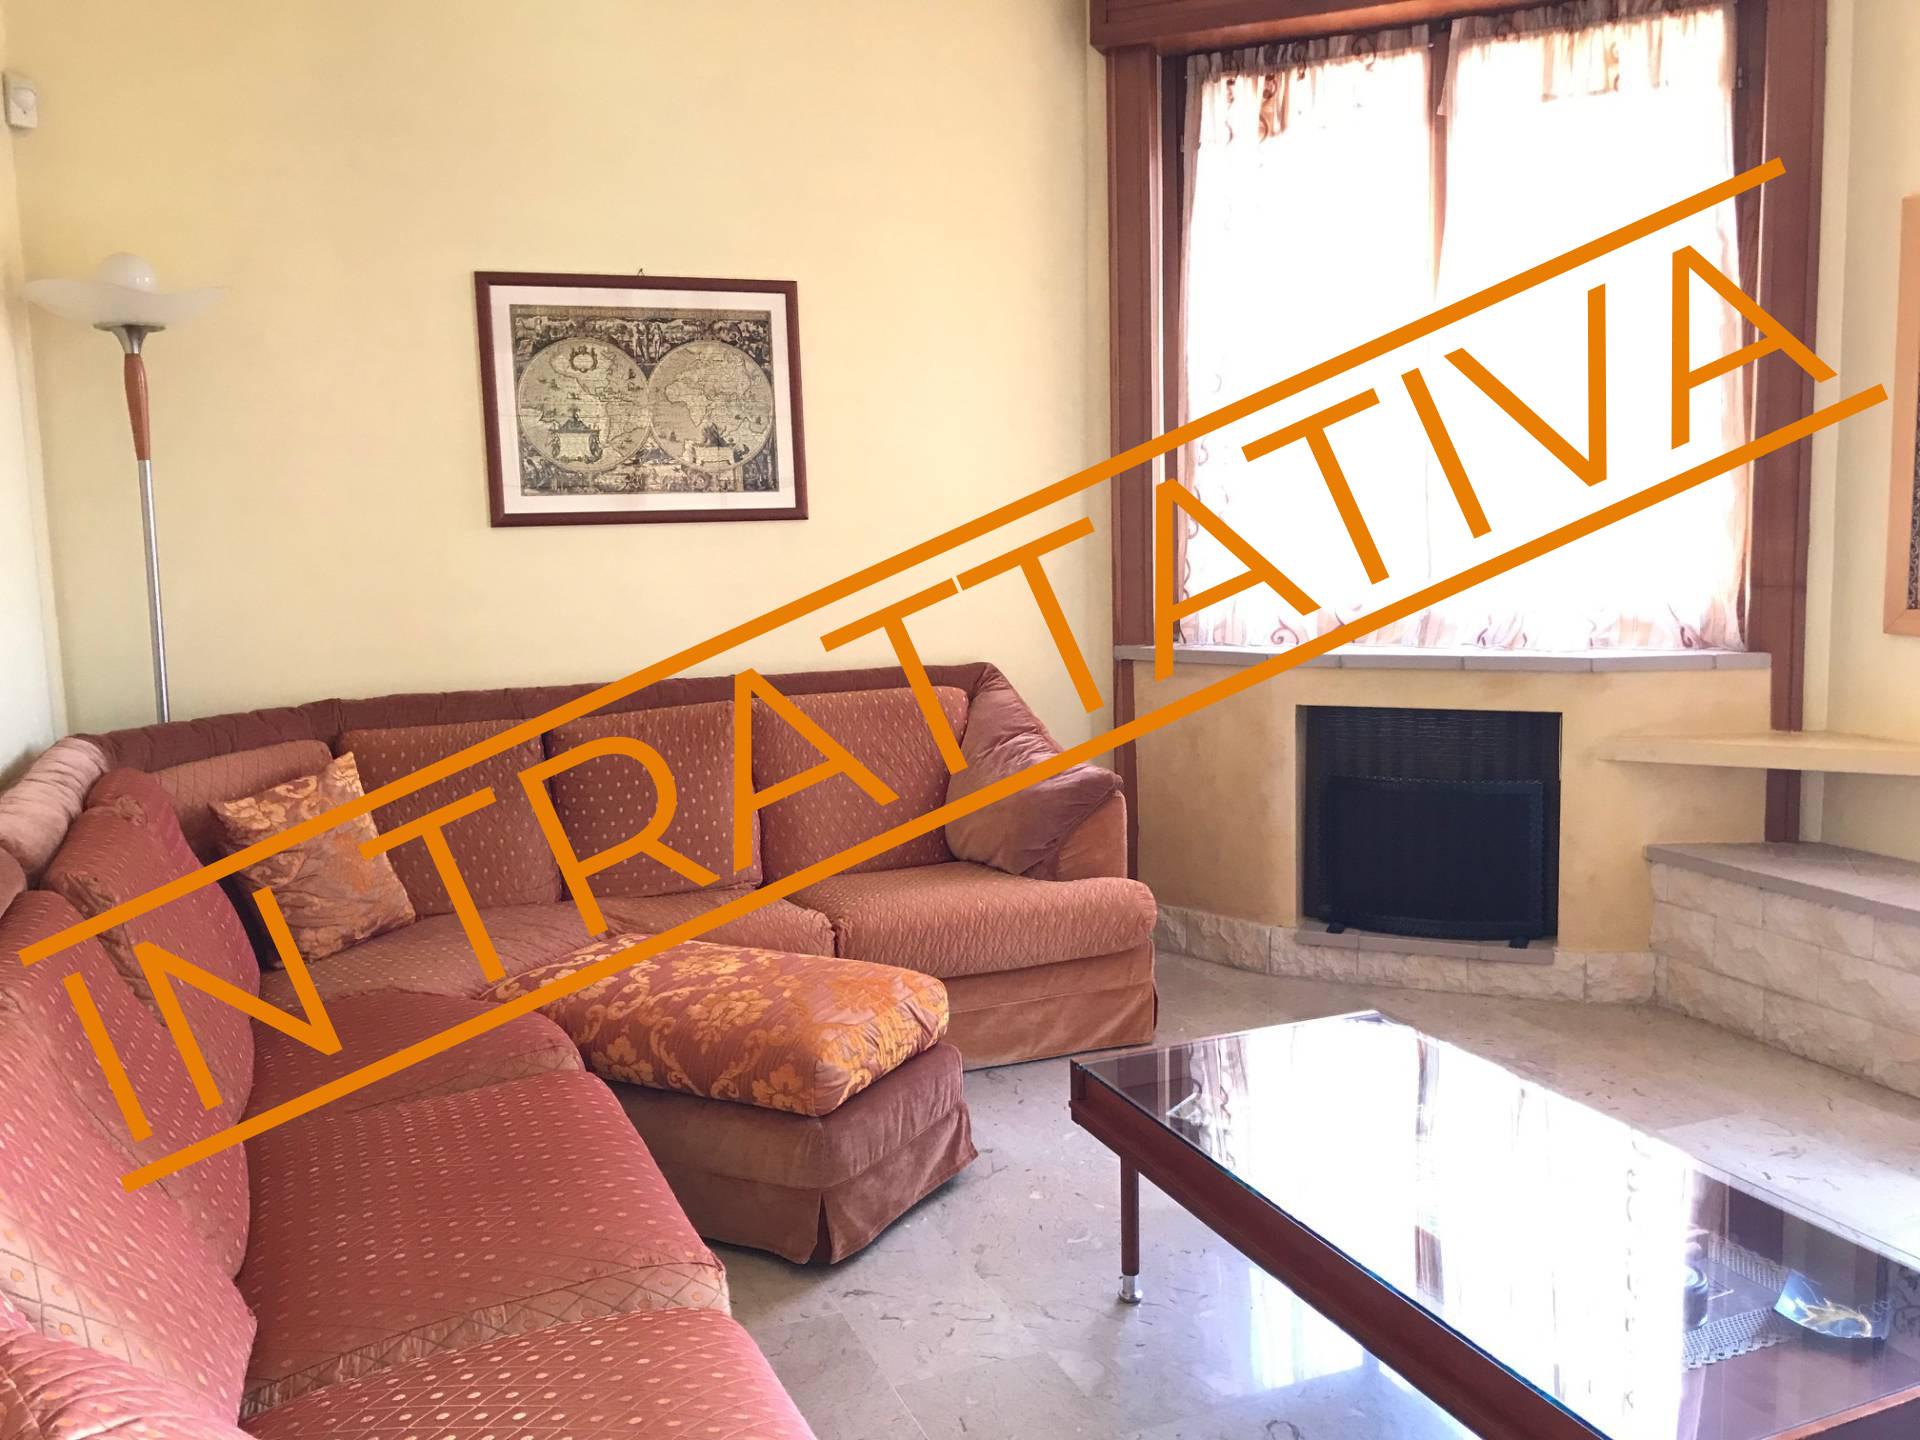 Appartamento in vendita a Venegono Inferiore, 3 locali, zona Località: SeminarioPioXI, prezzo € 138.000   PortaleAgenzieImmobiliari.it